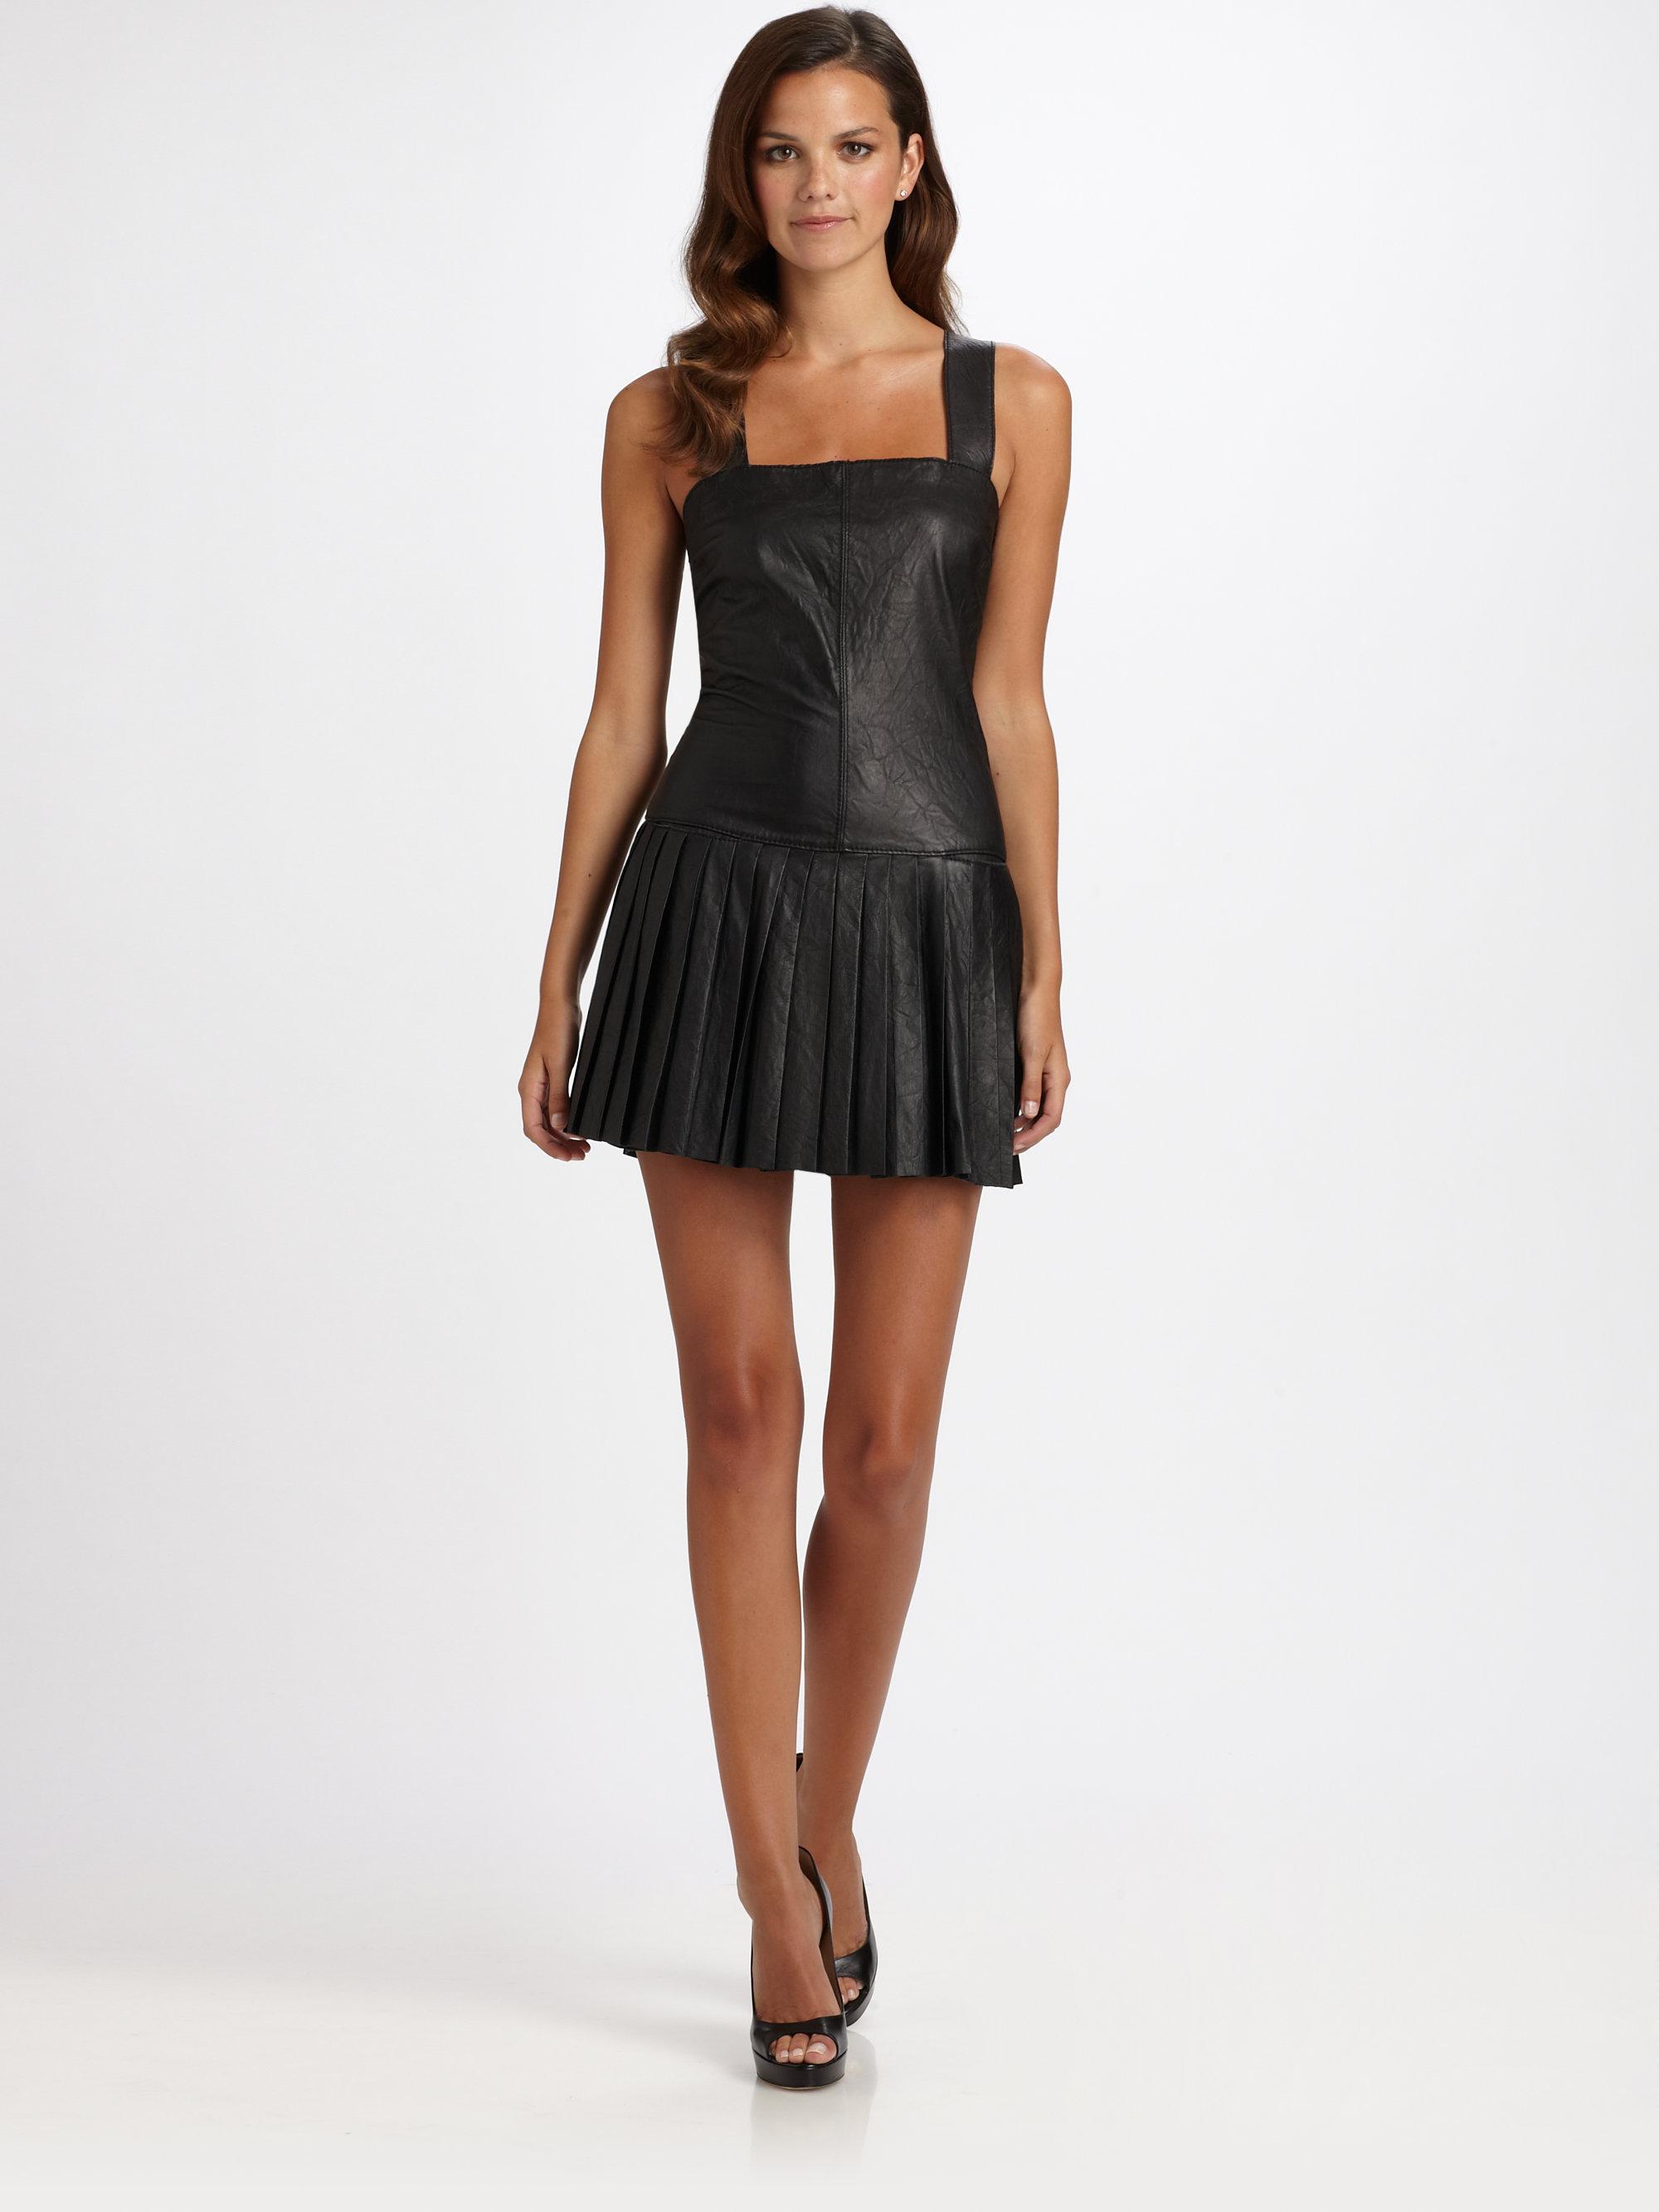 Lastest Sweater Dress 109465 Ellesse Womens Cappero Sweater Dress In Black